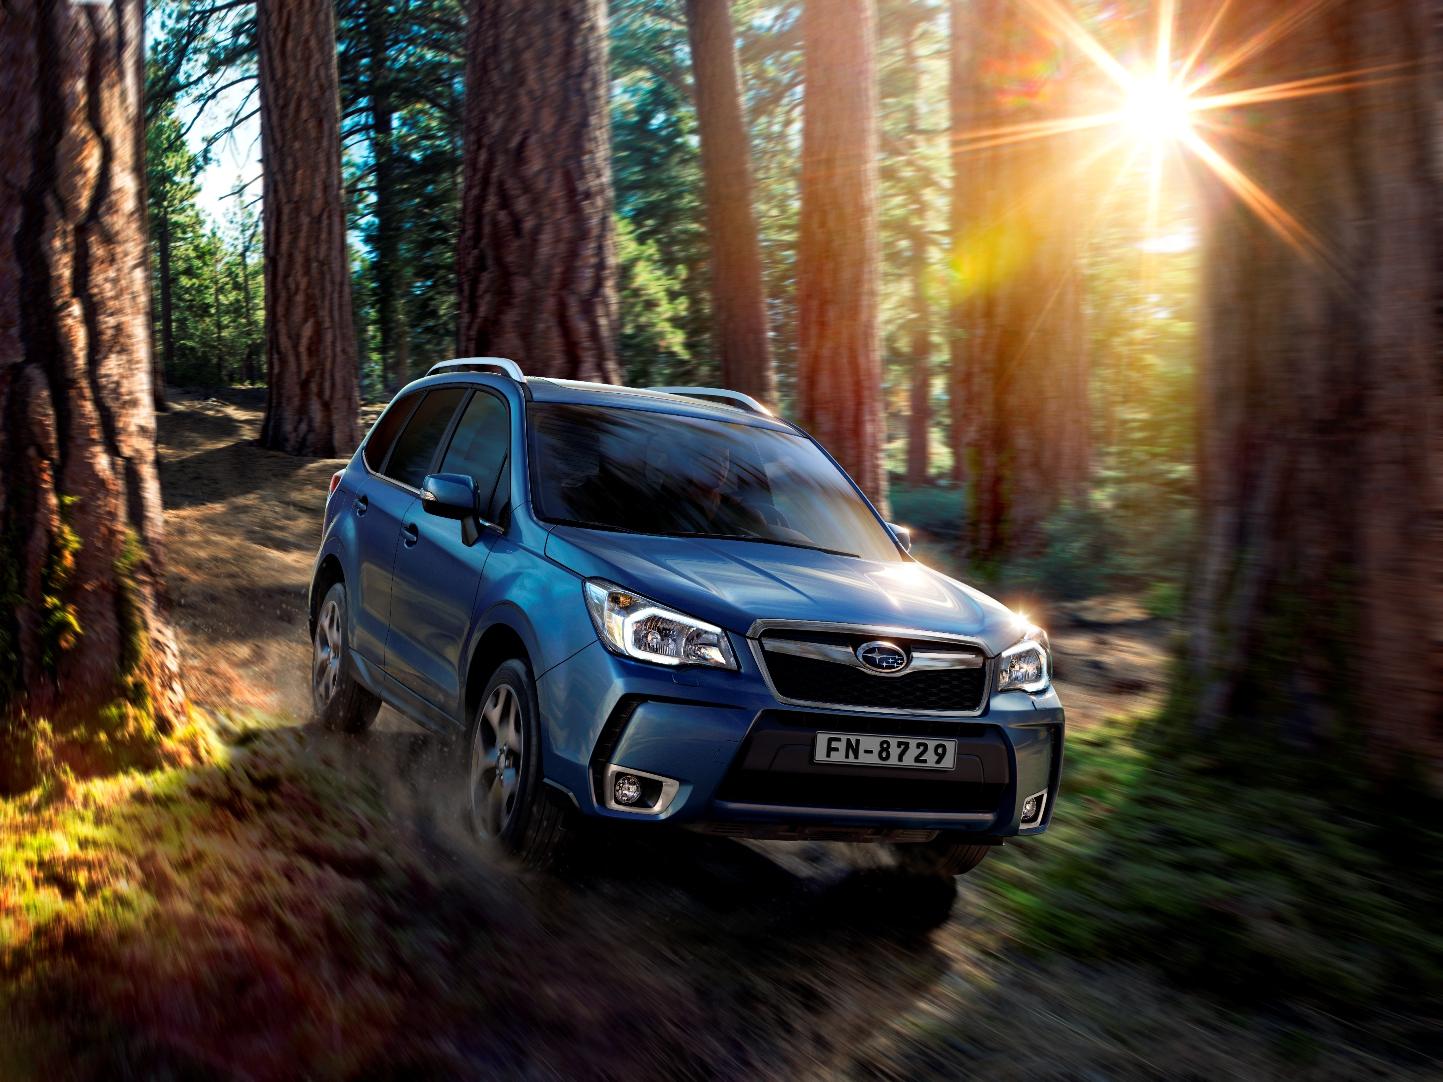 Экстерьер Subaru Forester 2015  МГ.jpg